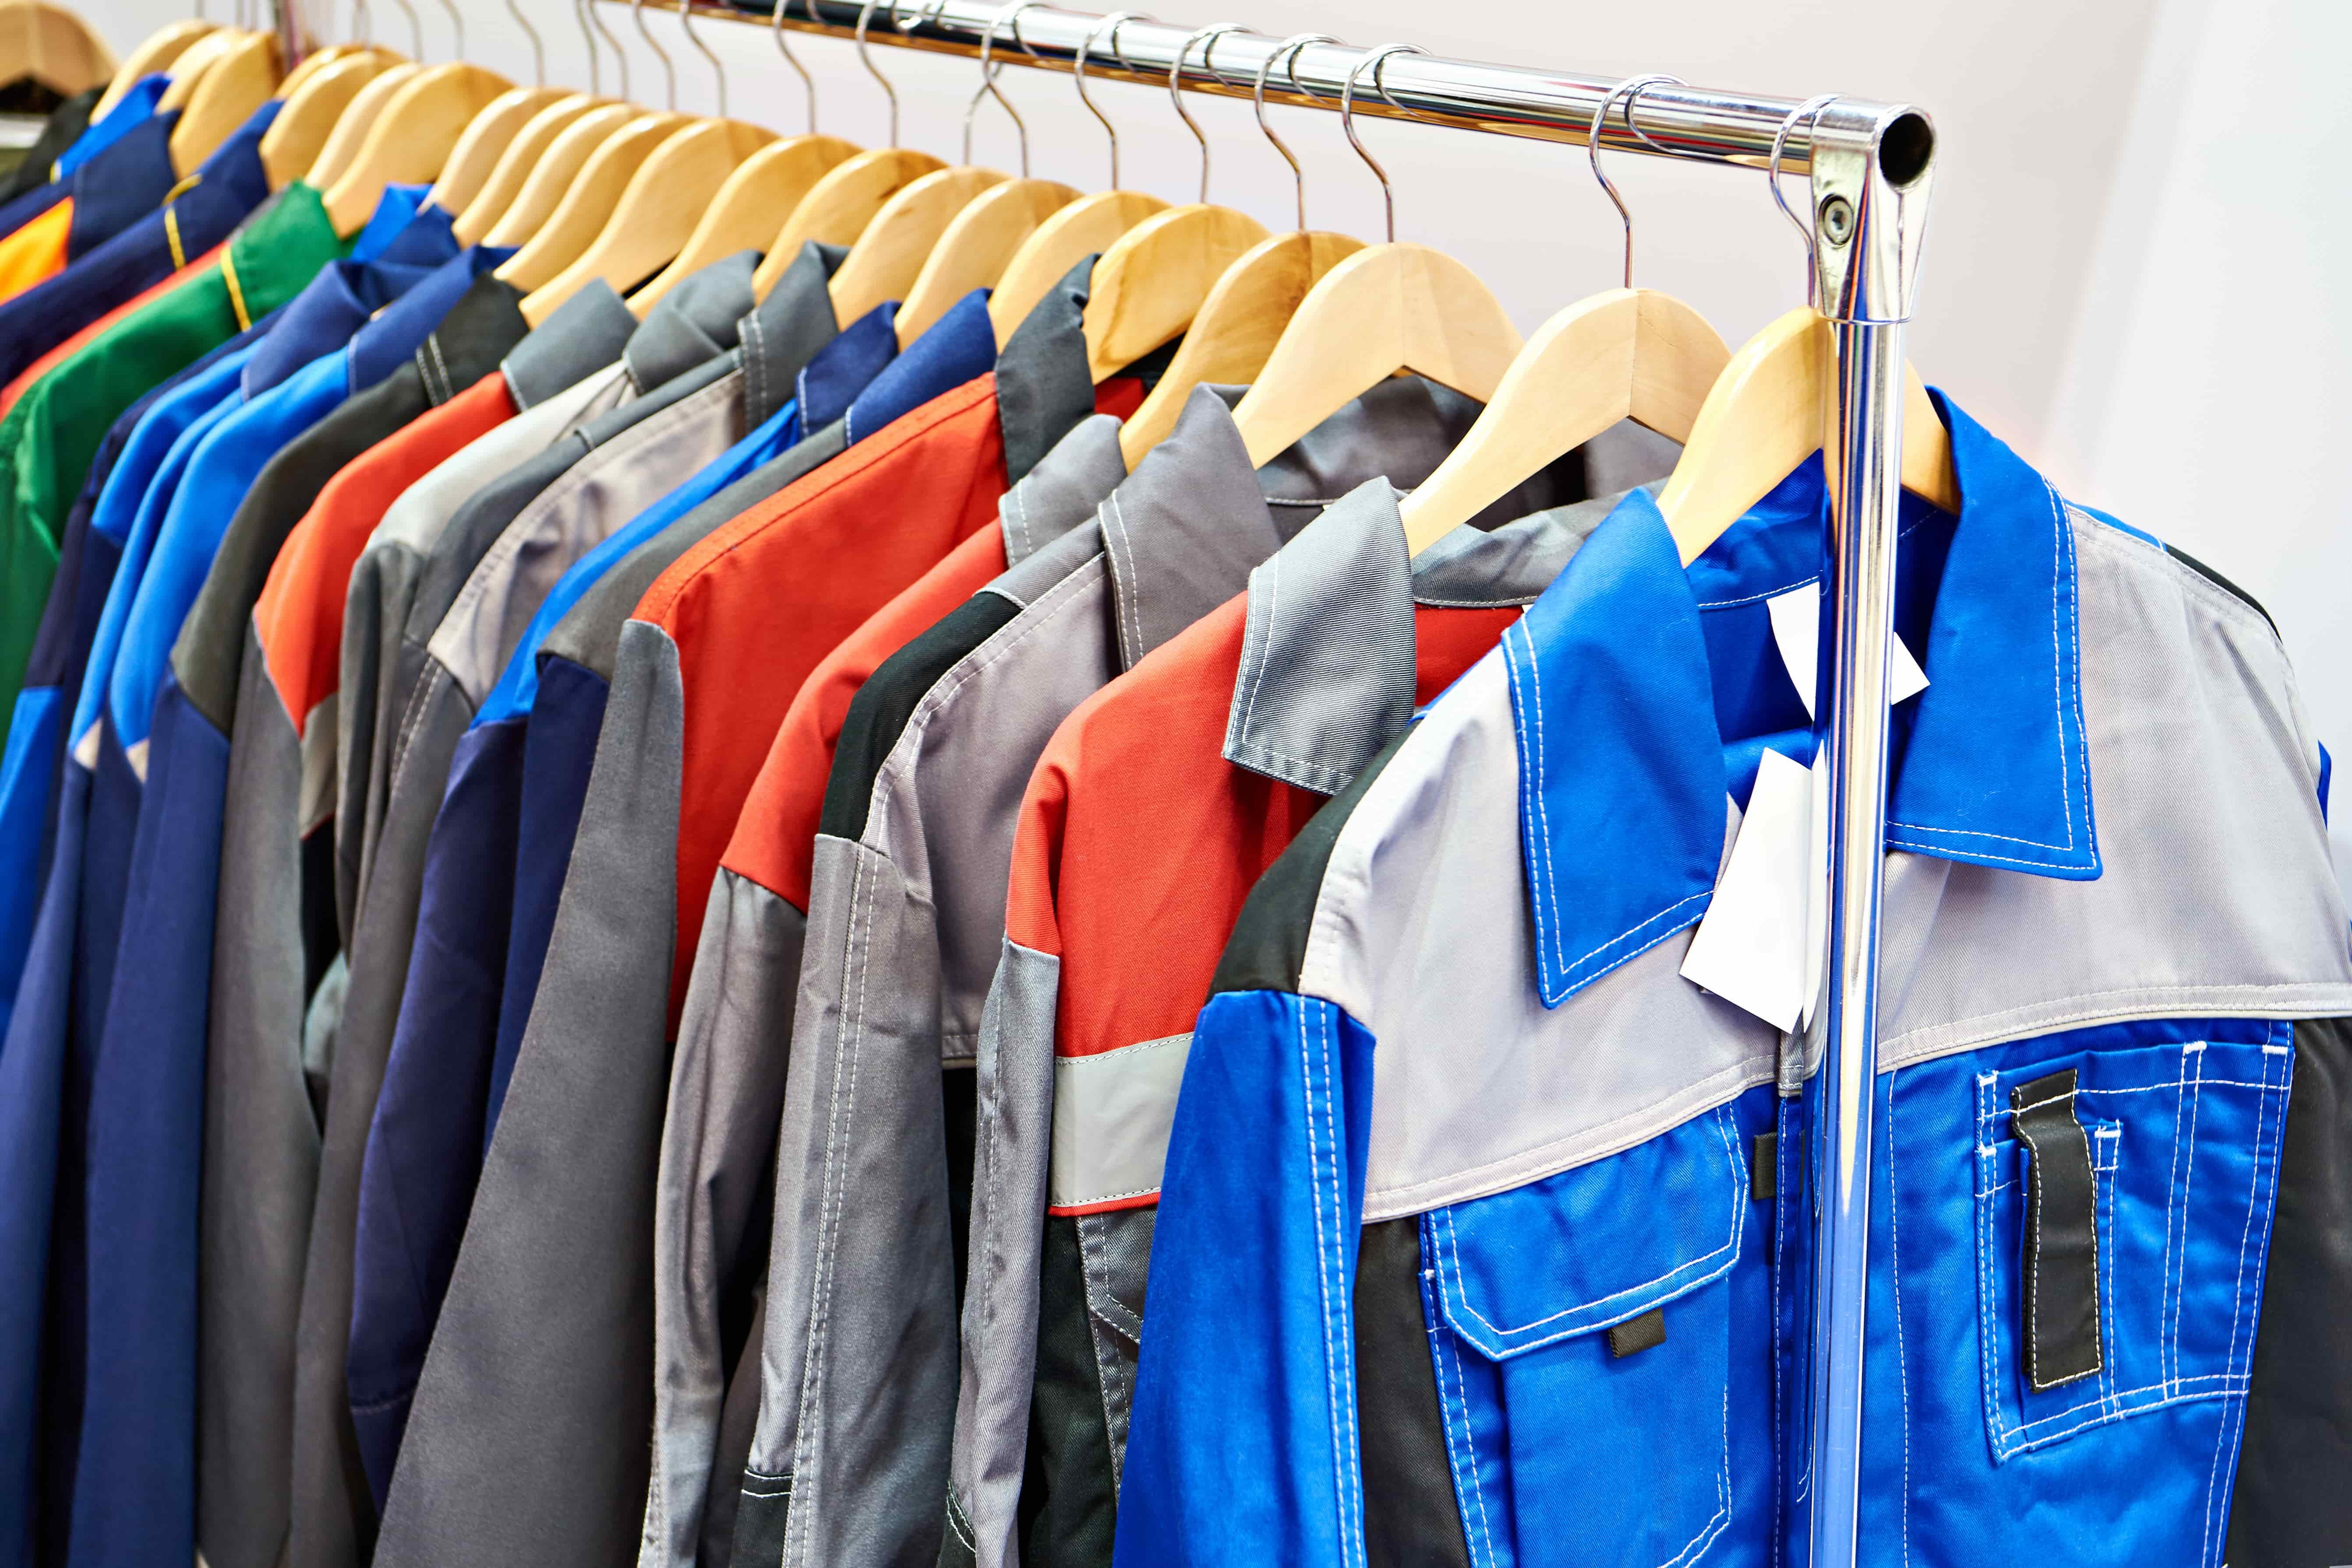 single-store workwear retailer pos